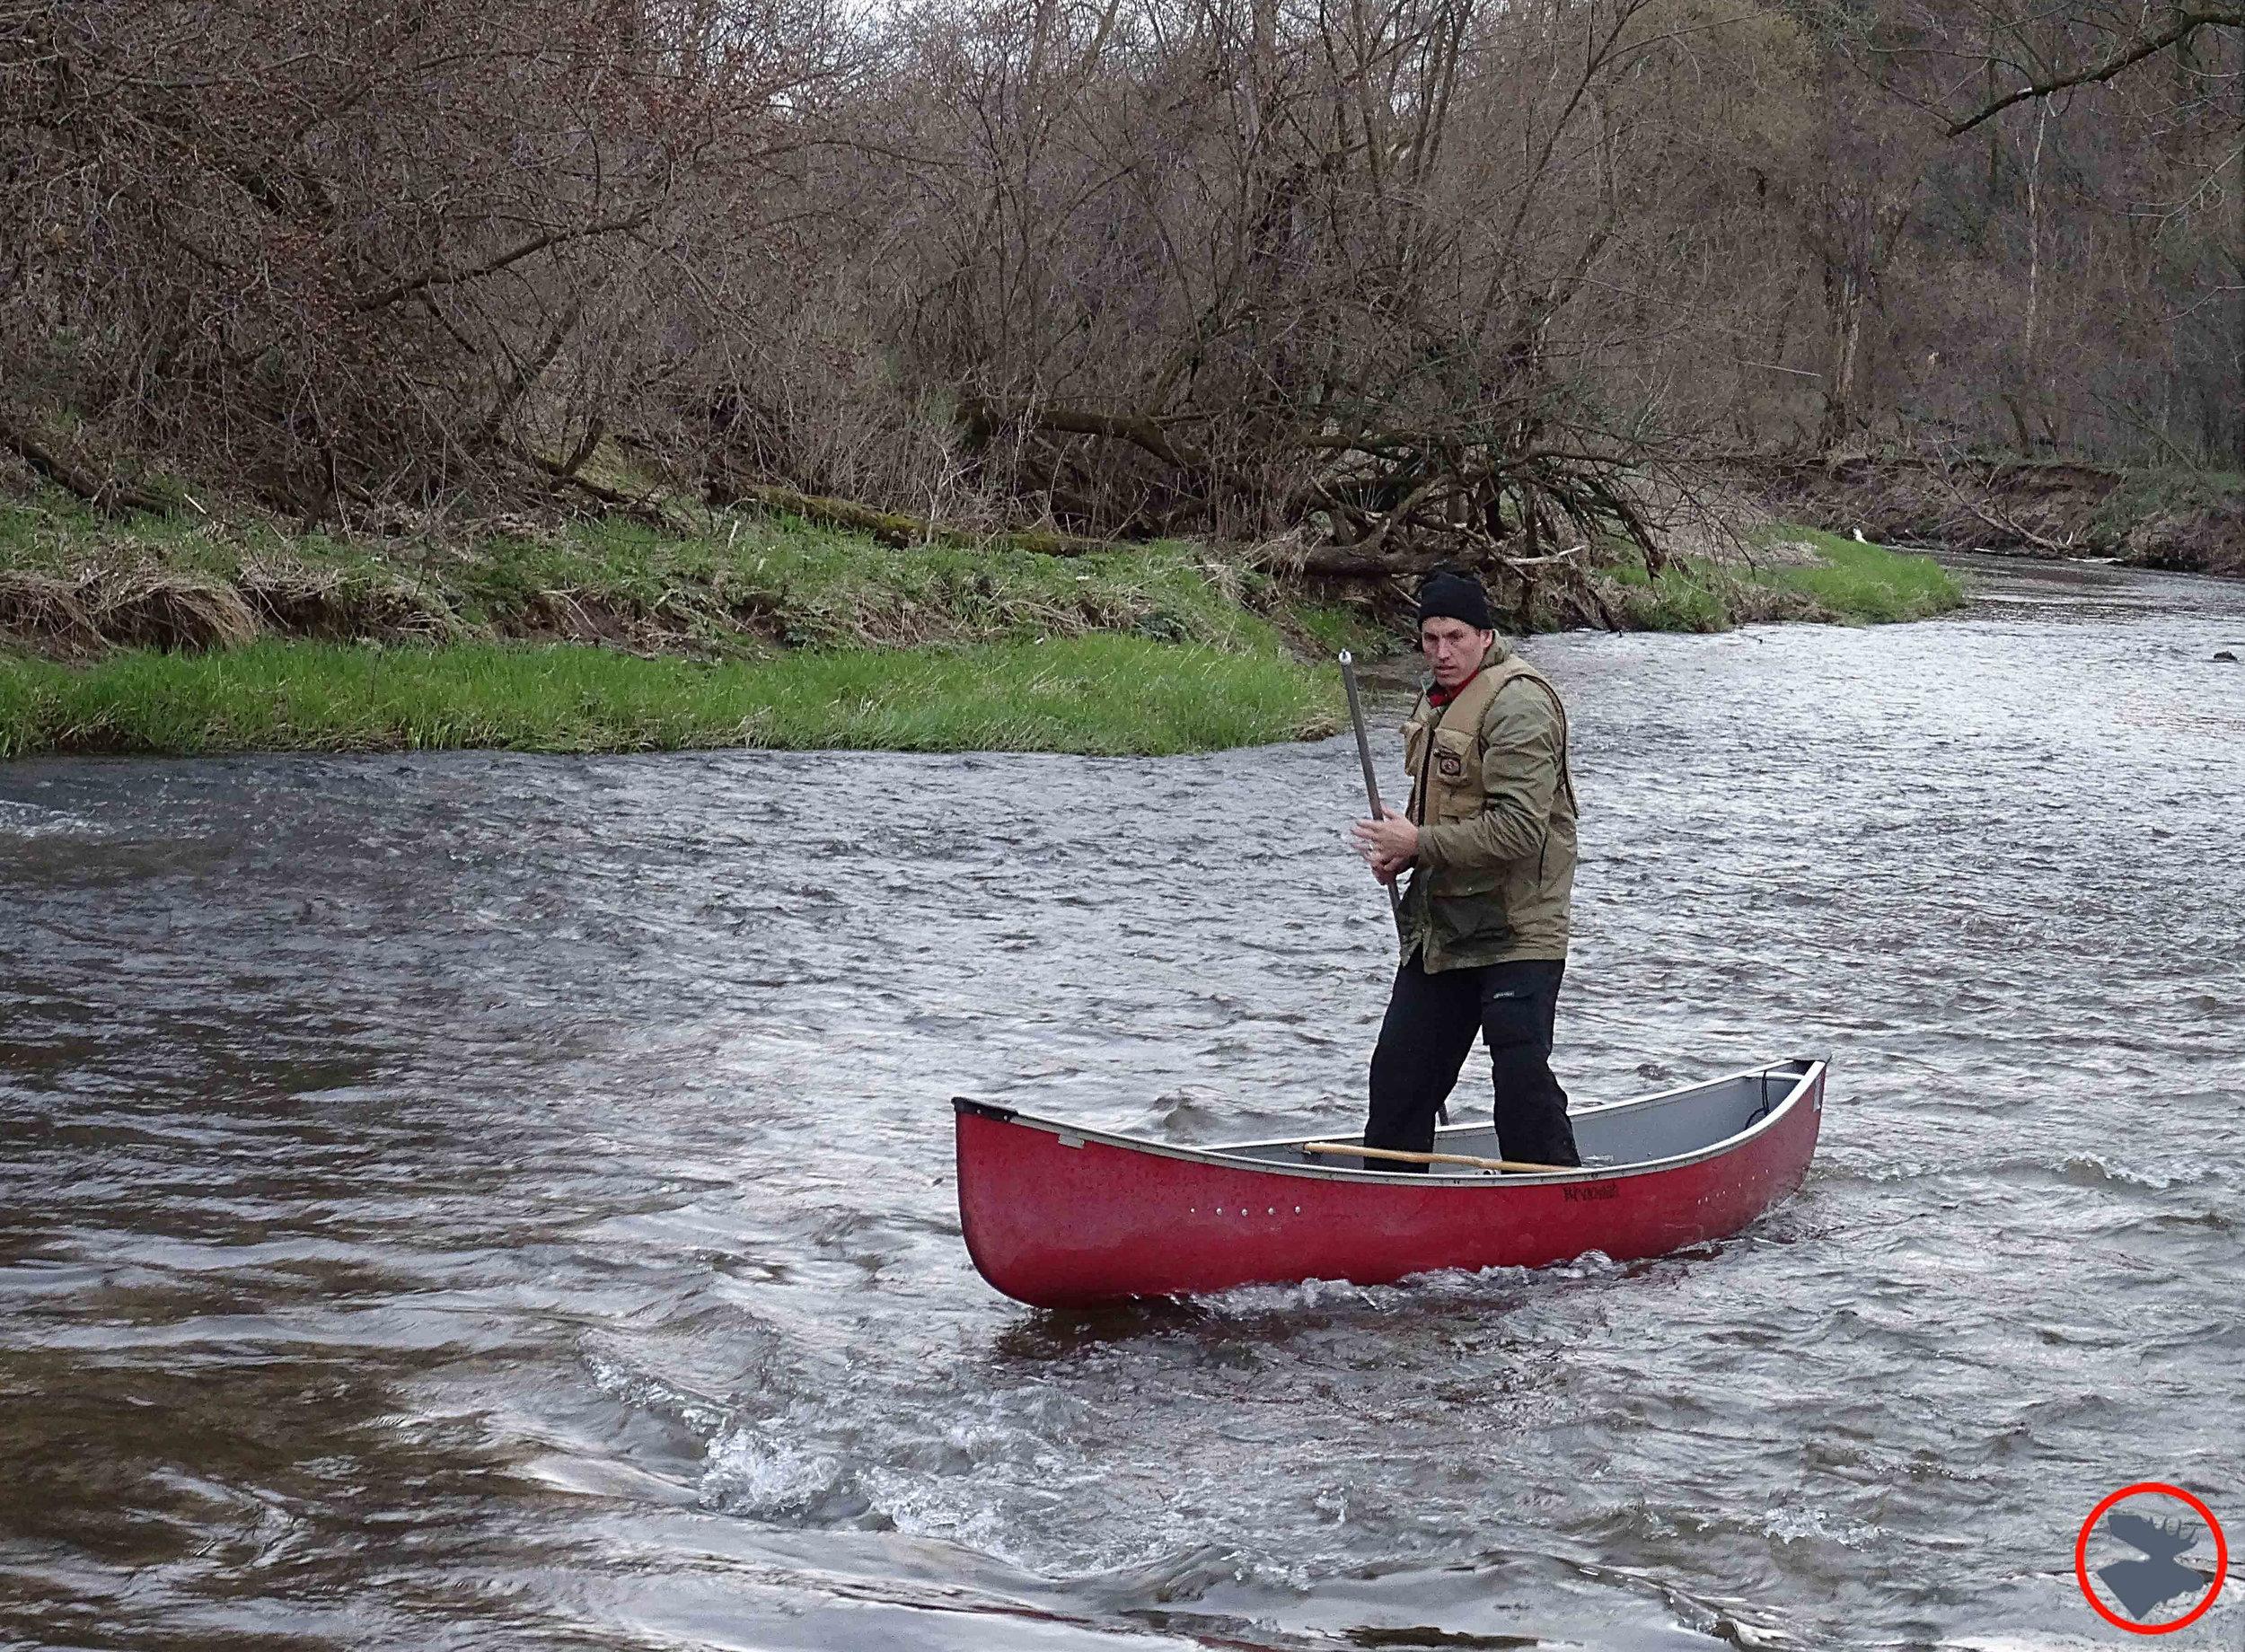 BMP-Post_Kinnickinnic-River_Scott-Canoe-Poling3_June 2019.jpg